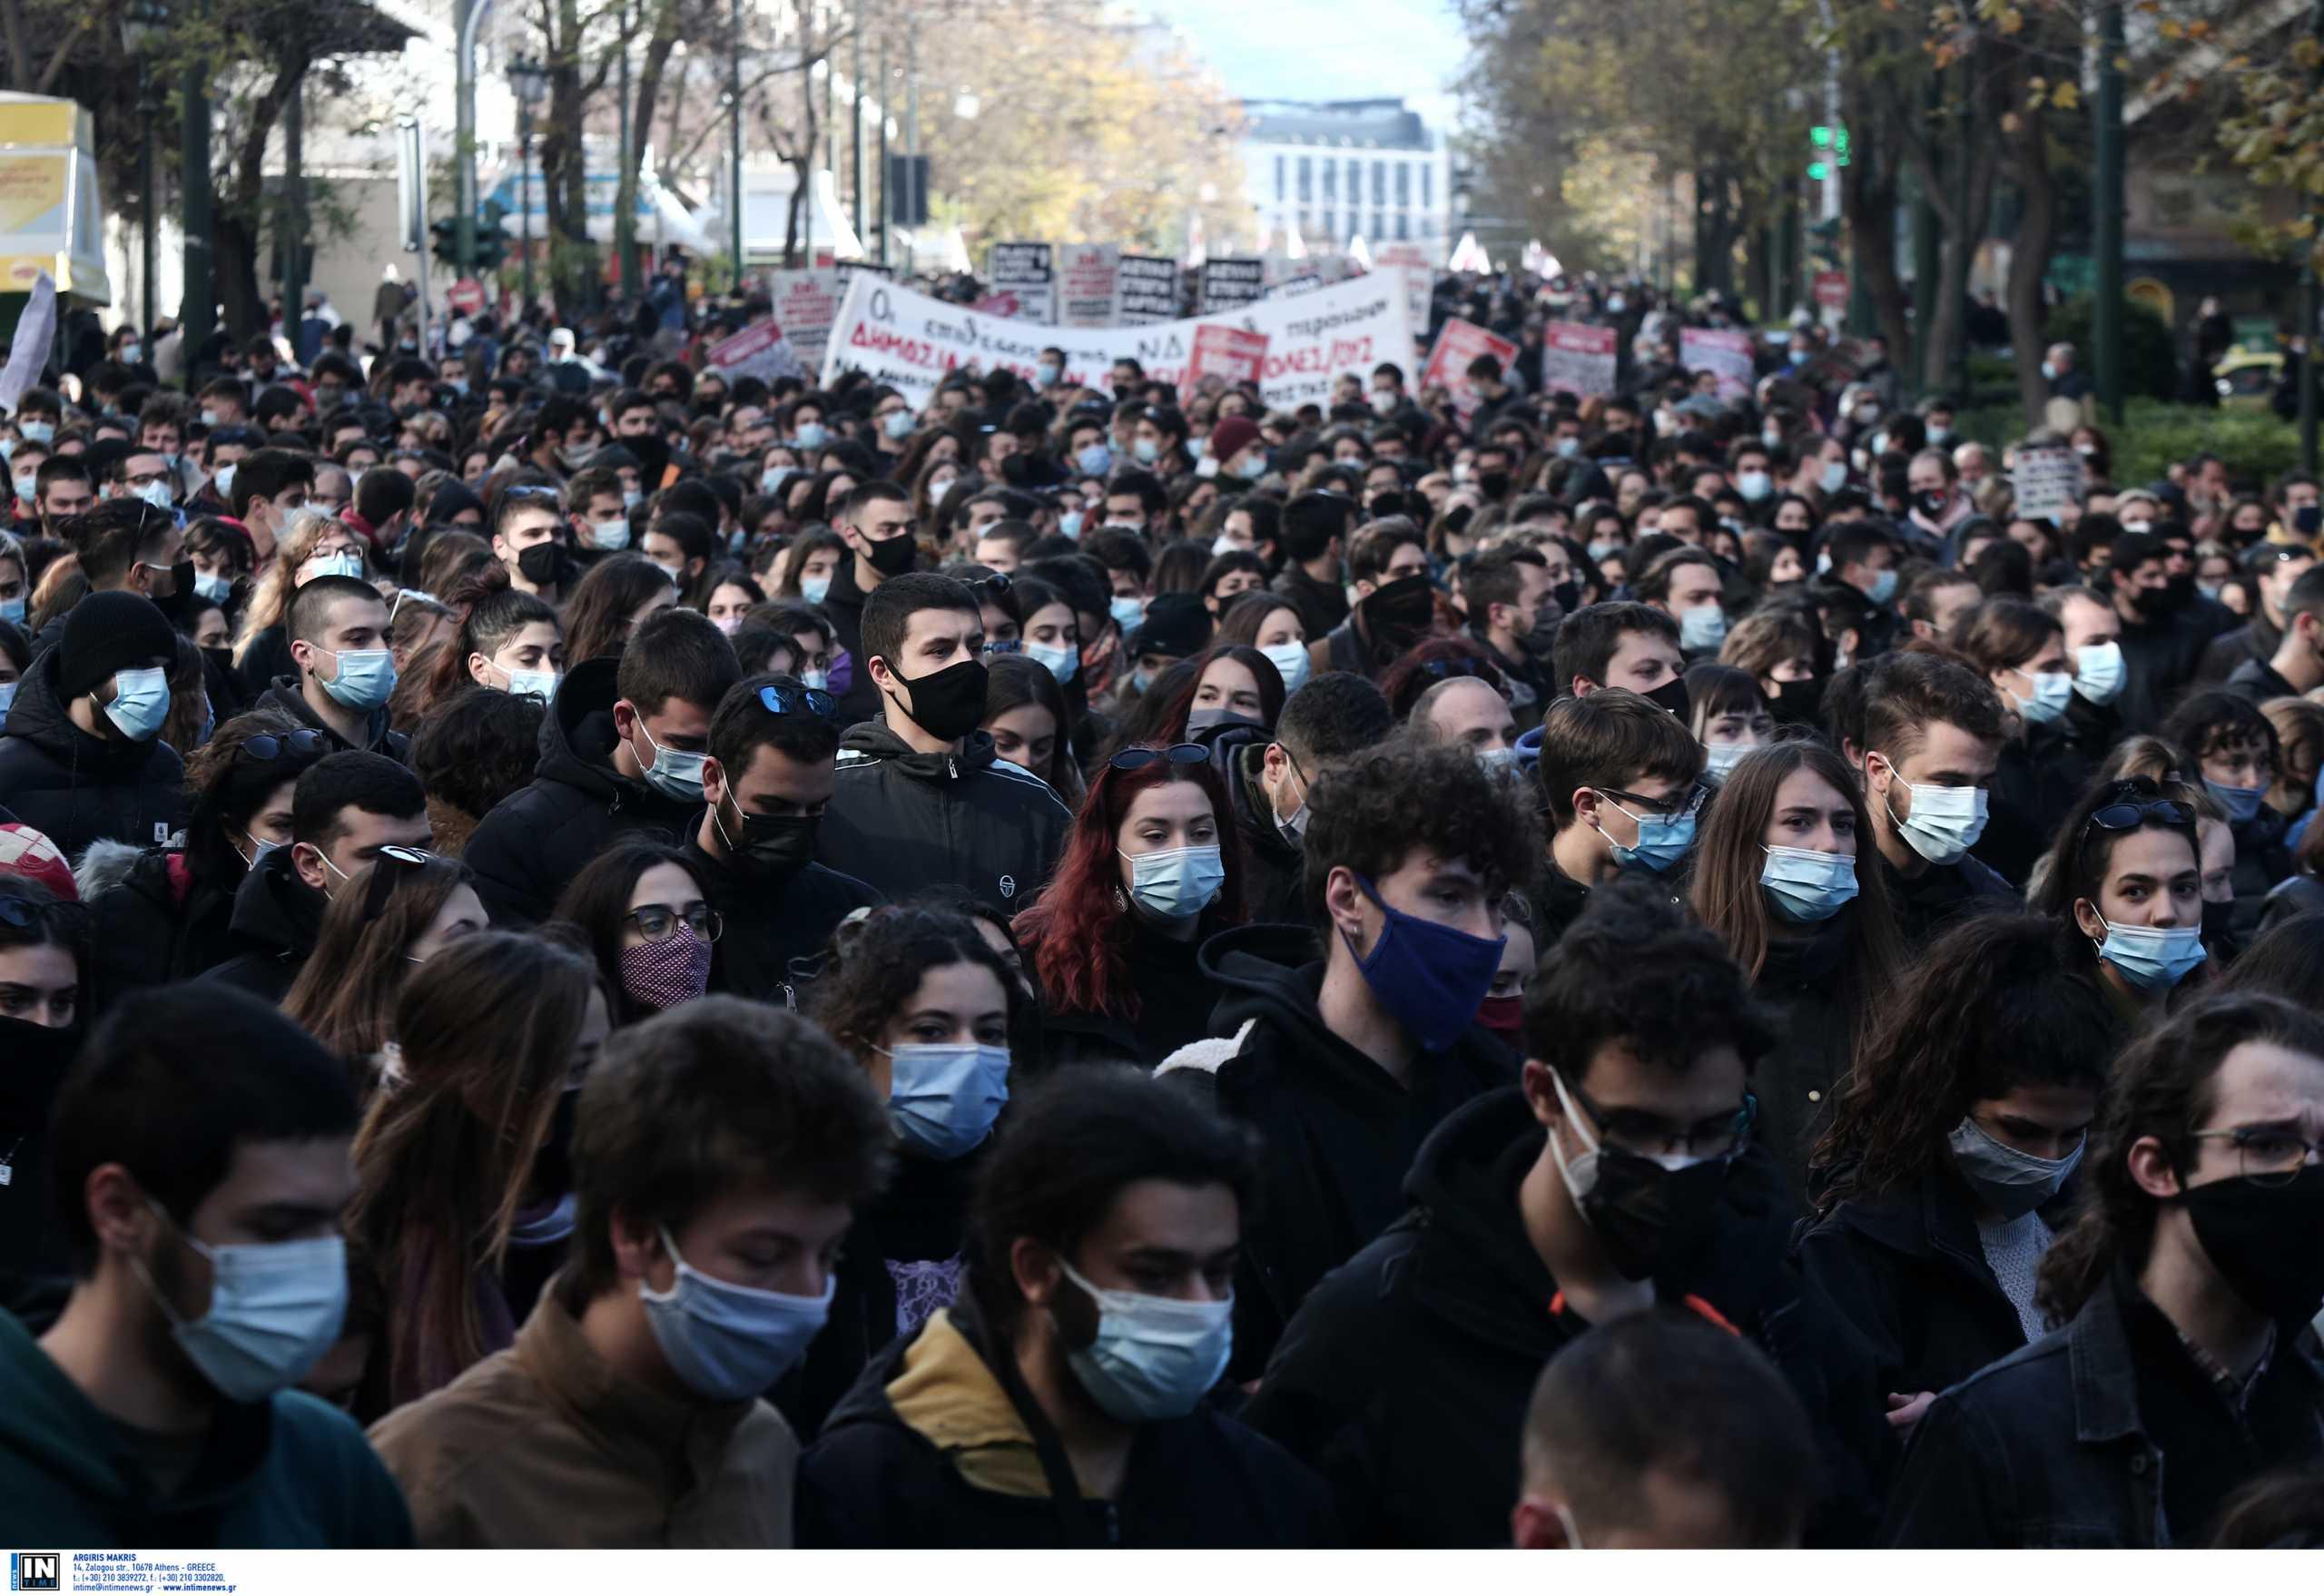 Δικογραφία για το πανεκπαιδευτικό συλλαλητήριο και τον πρόεδρο της ΠΟΕΔΗΝ